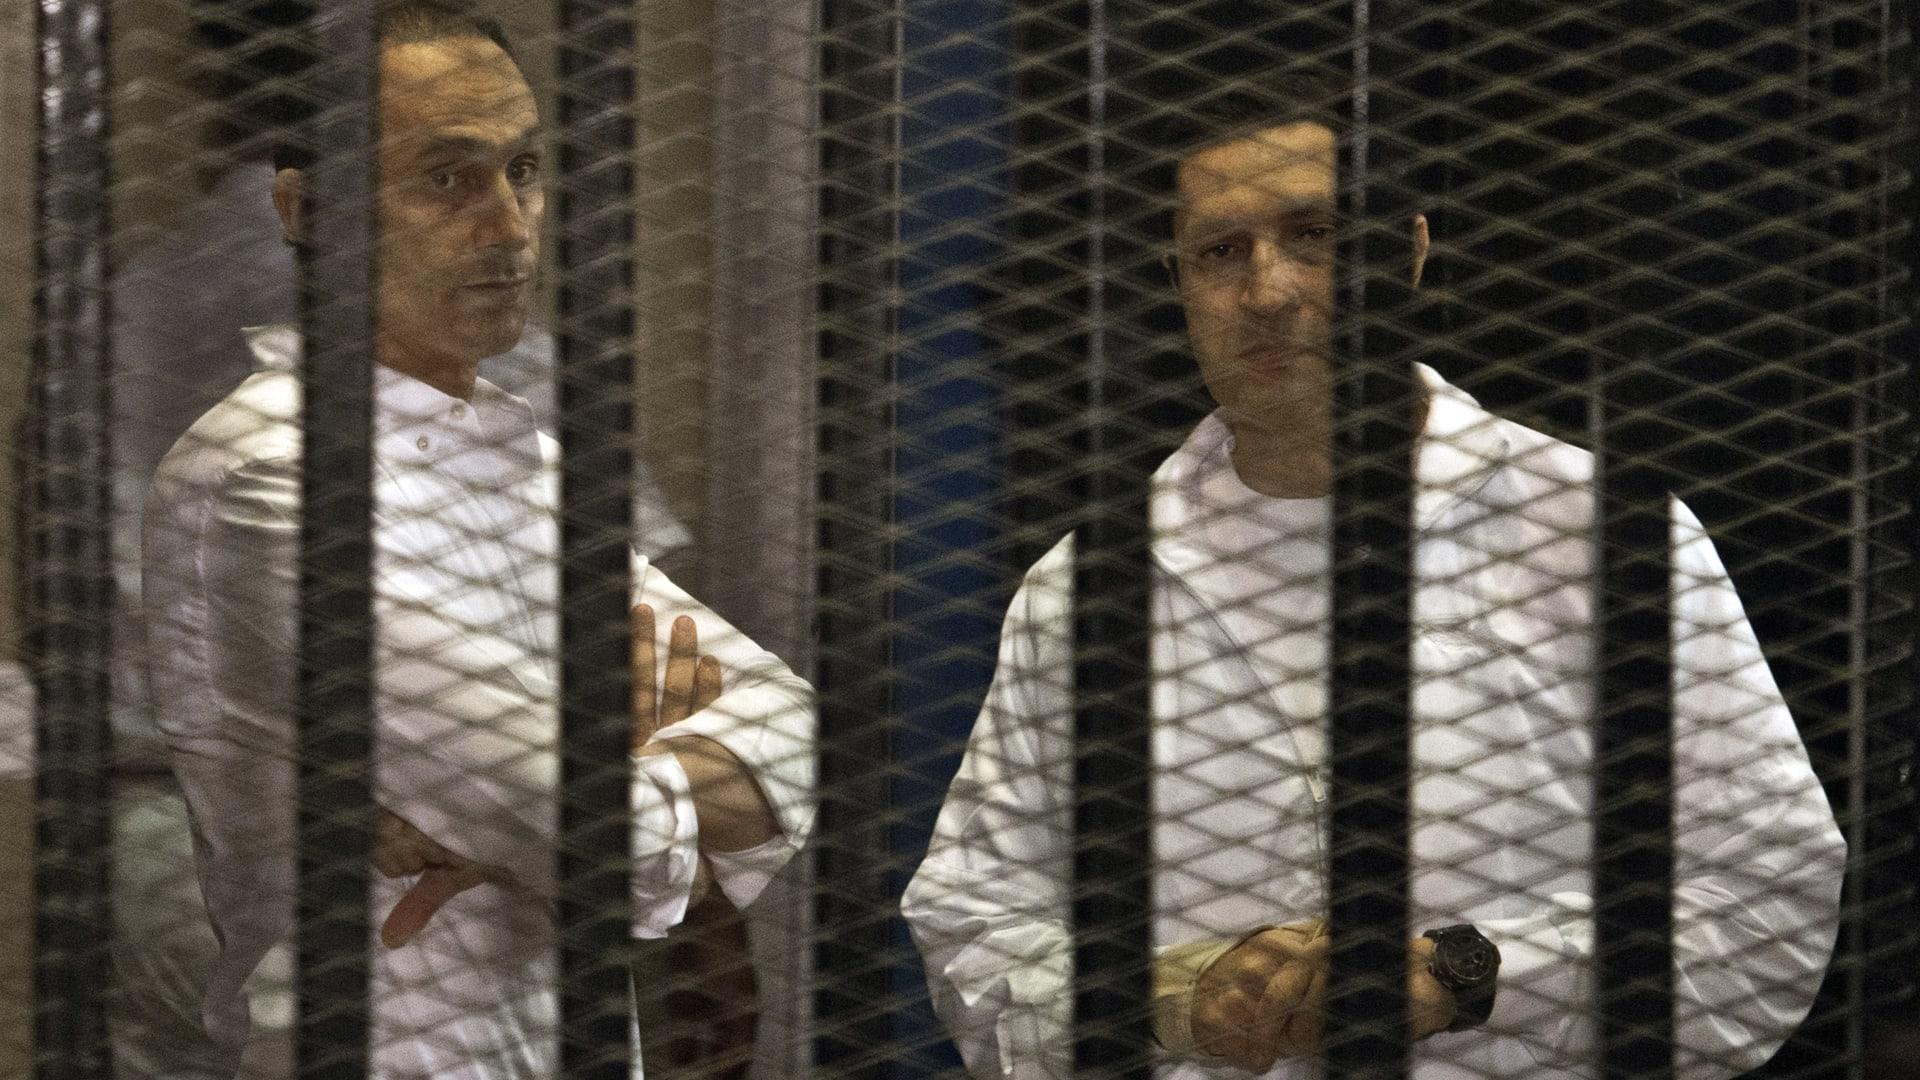 إخلاء سبيل نجلي مبارك والمتهمين في قضية التلاعب بالبورصة.. كم قيمة الكفالة؟